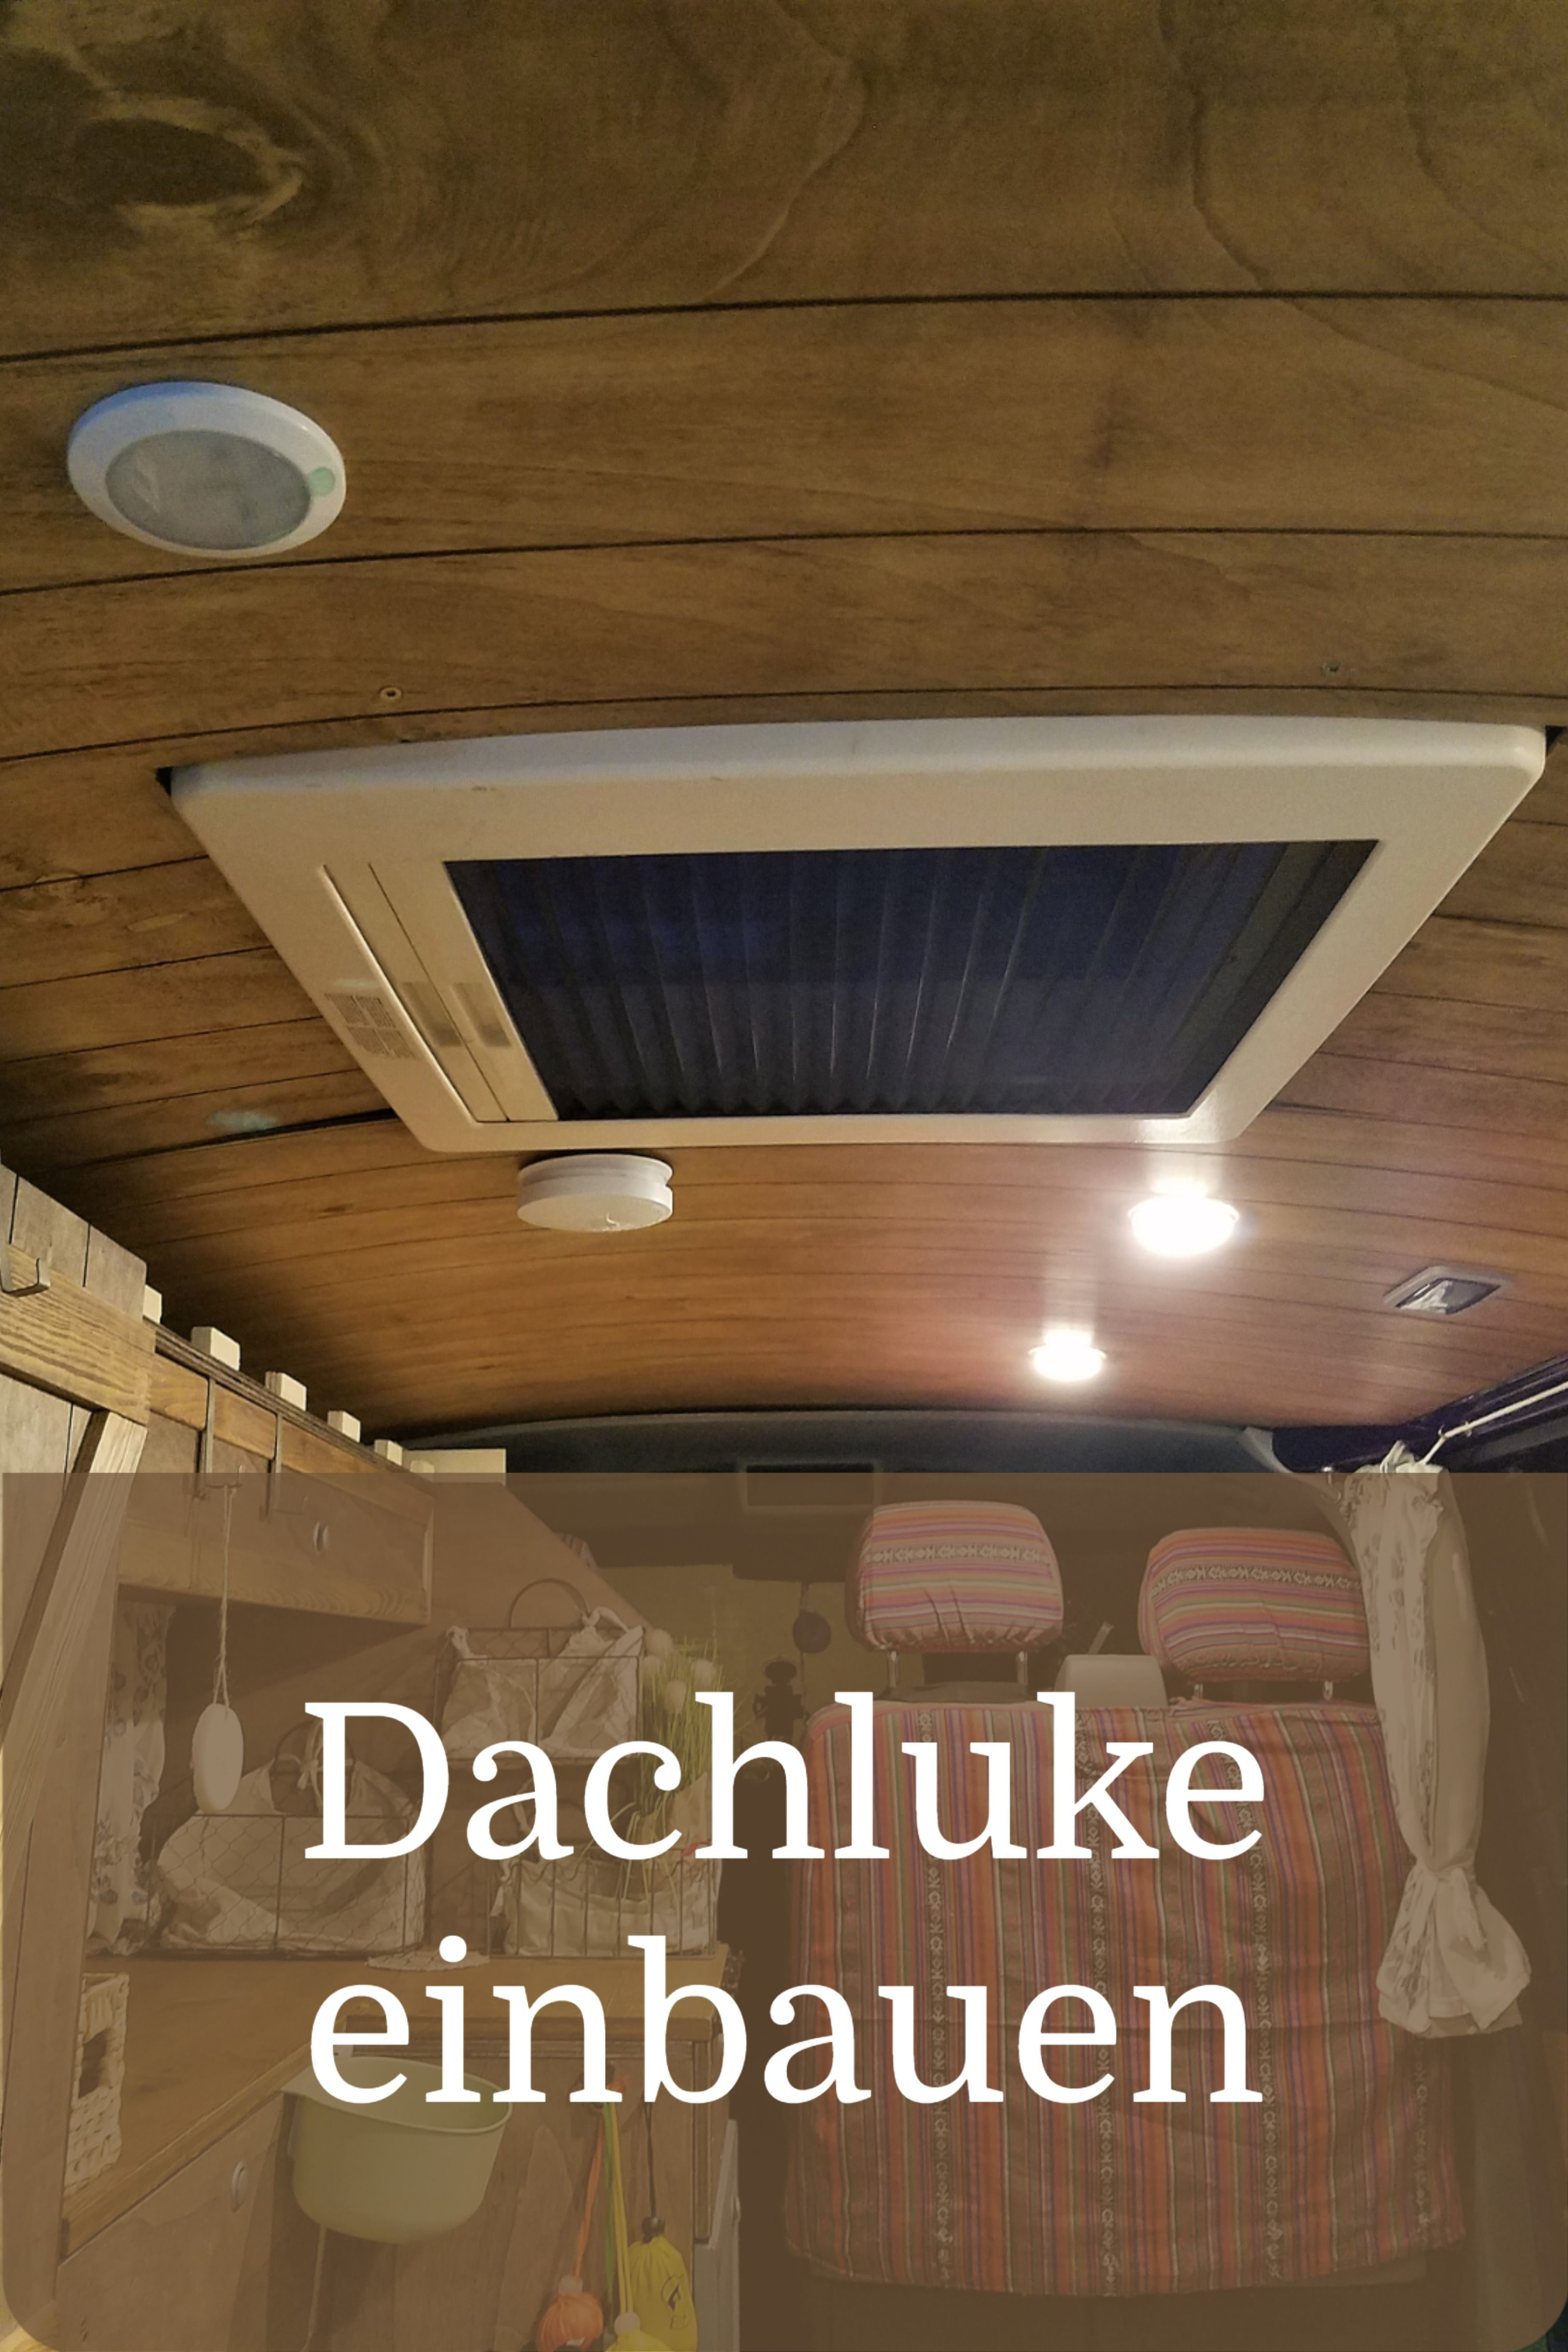 Dachluke Dachfenster Im Camper Selber Einbauen Diy Camper Ausbau 4 In 2020 Dachluke Camper Luke